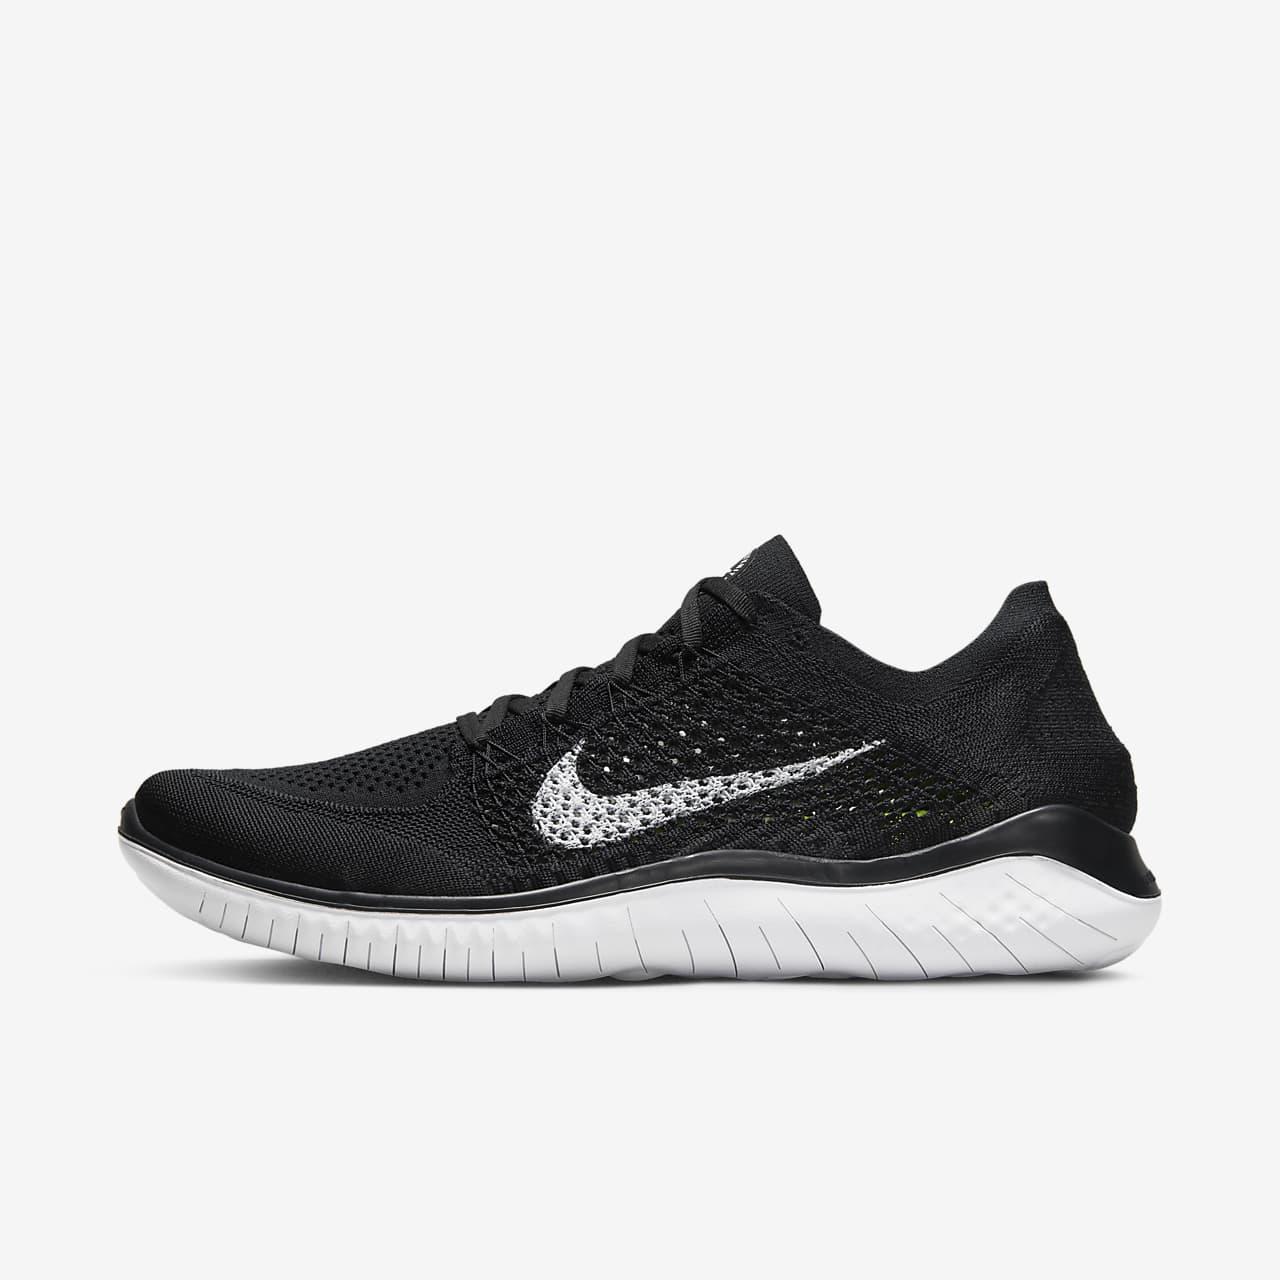 Nike Free Run Erkekler Koşu Ayakkabı Siyah Yeşil Orijinal